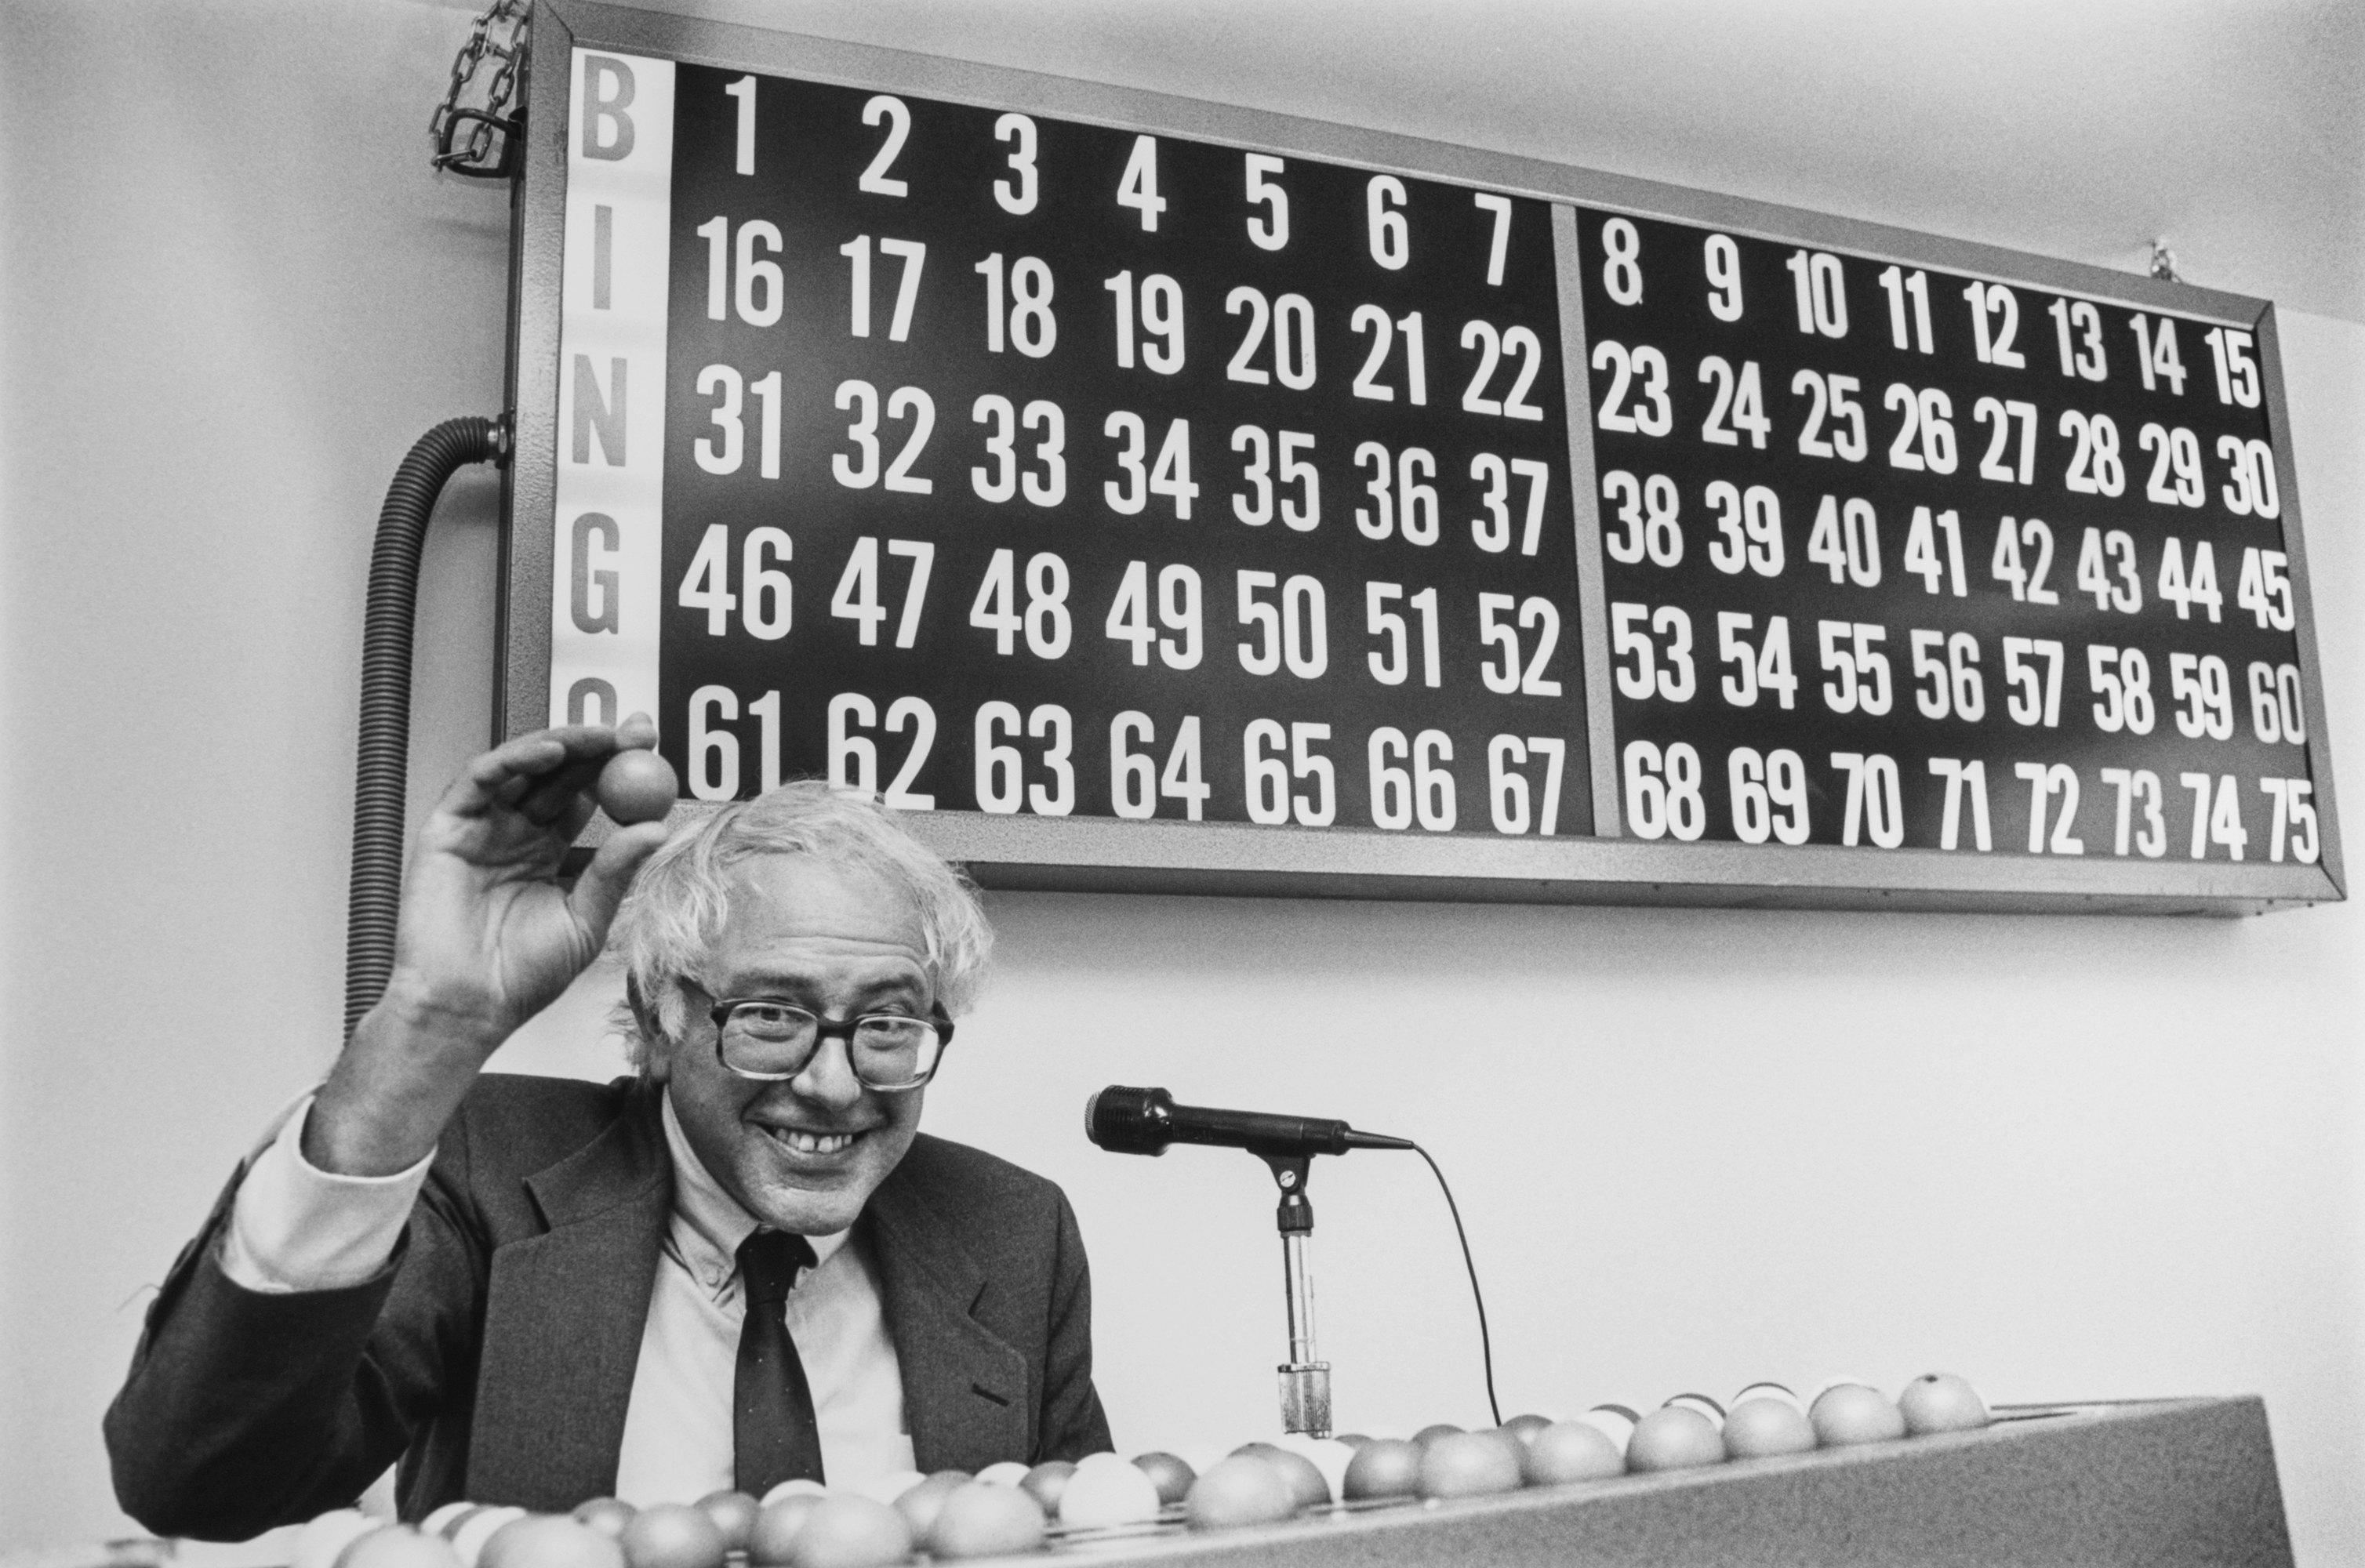 Берни Сандерс играет в«бинго», 22 октября 1990, Вермонт